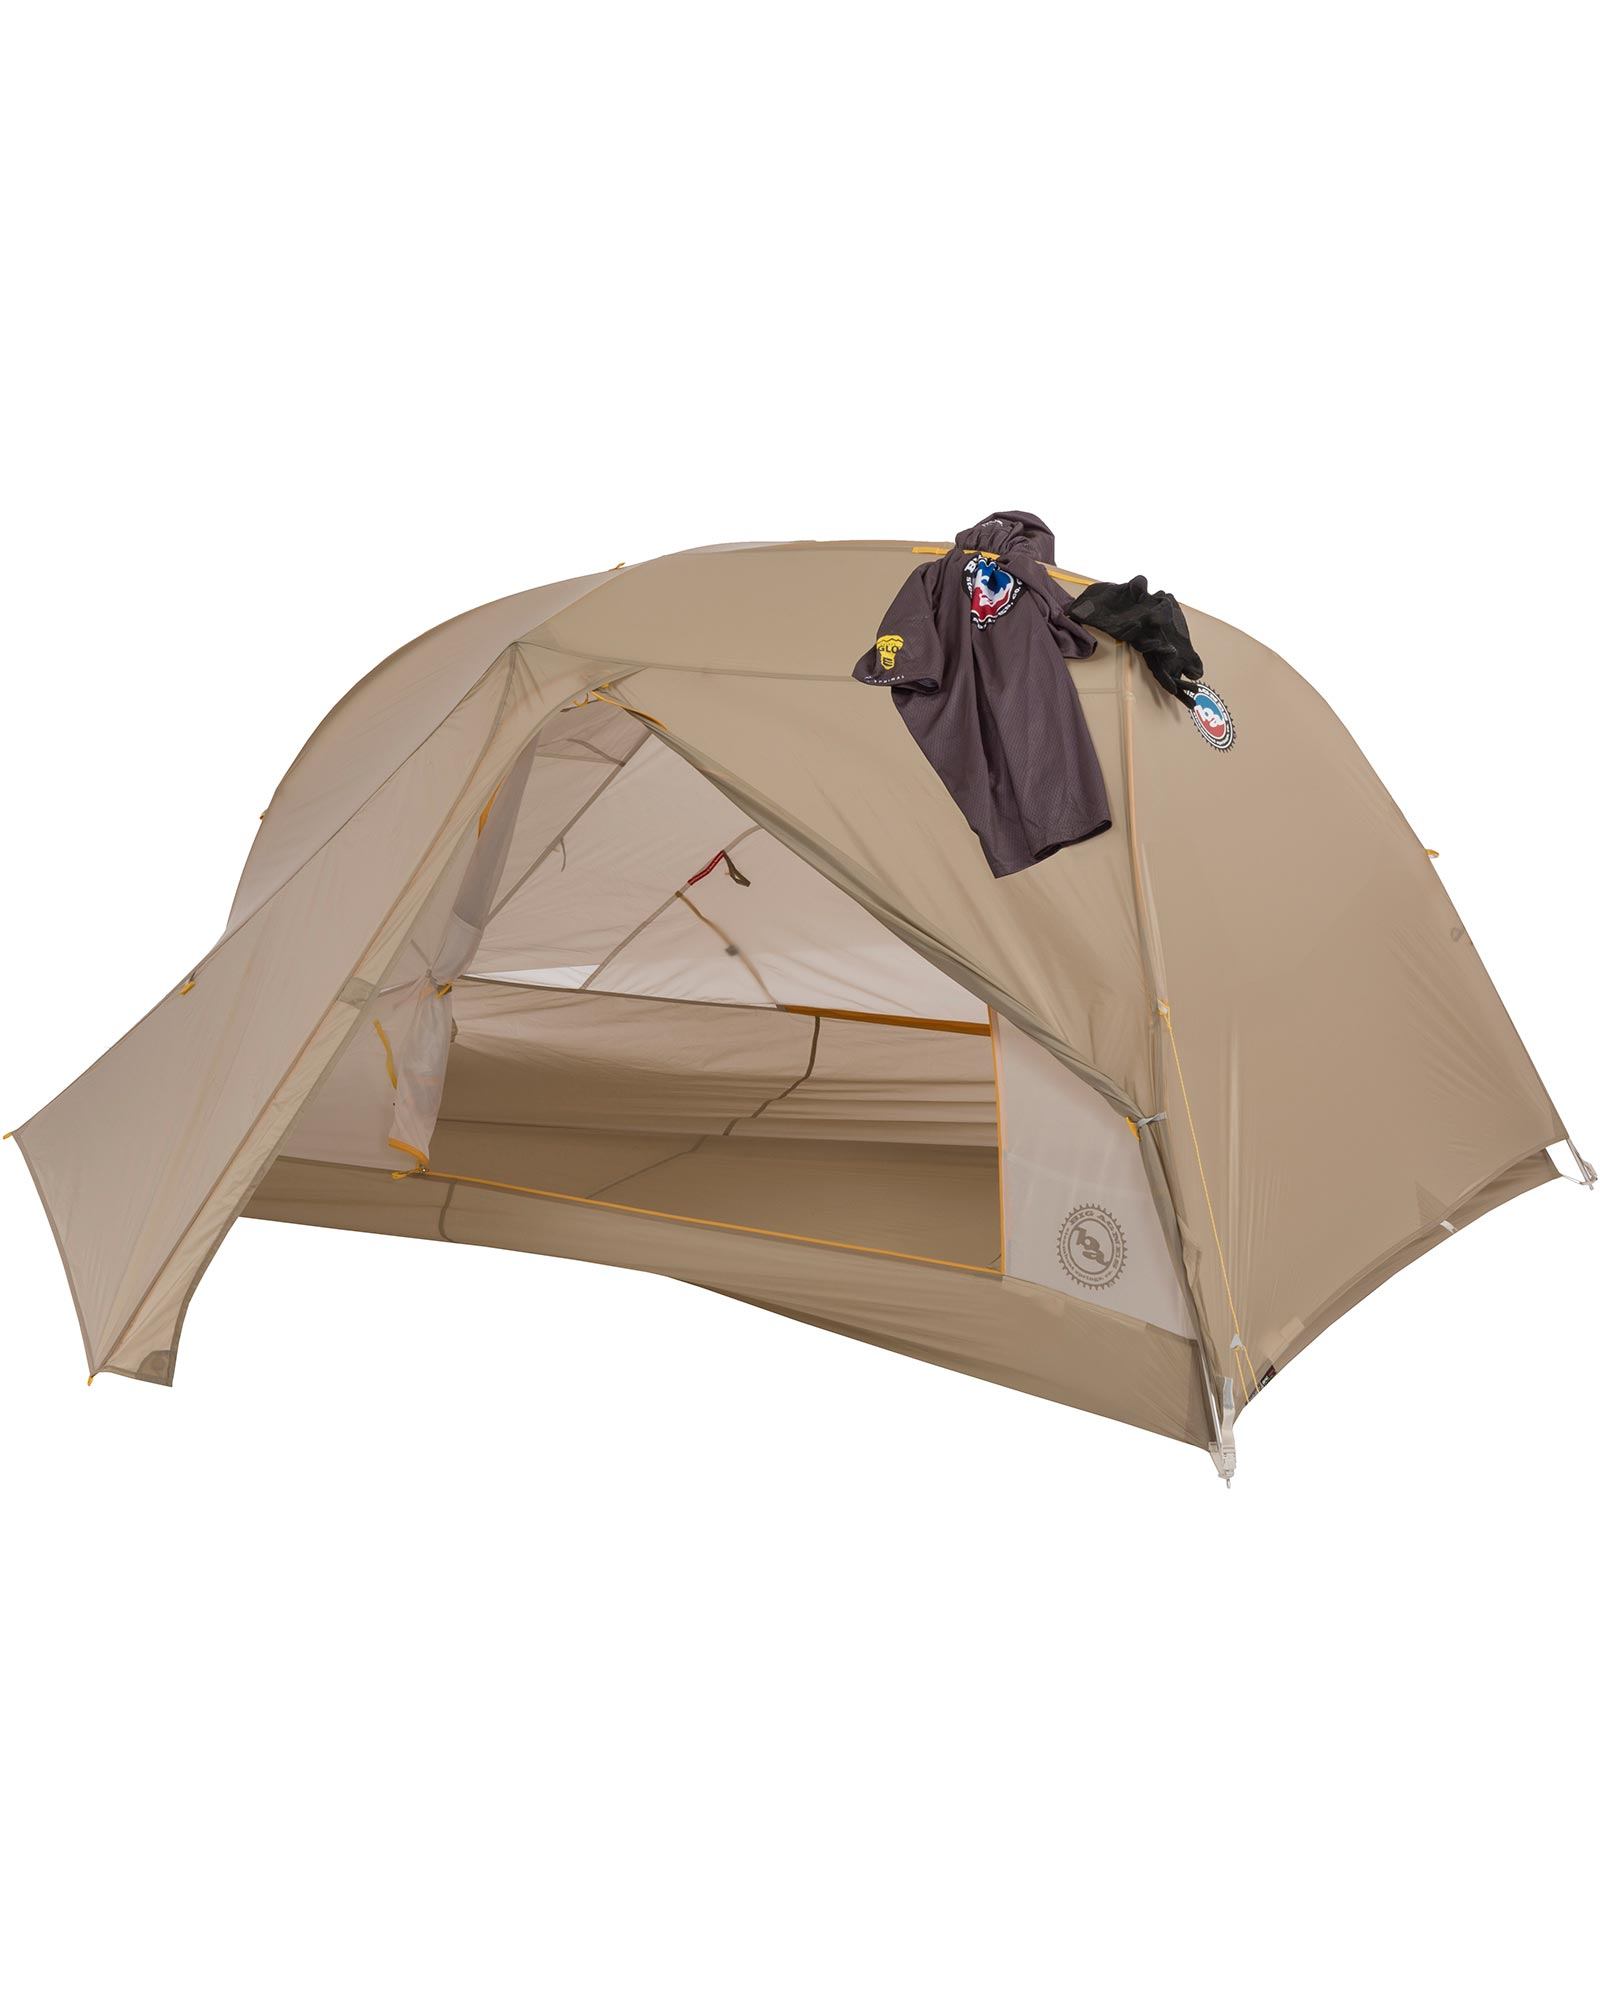 Big Agnes Tiger Wall UL2 Bikepack Tent 0